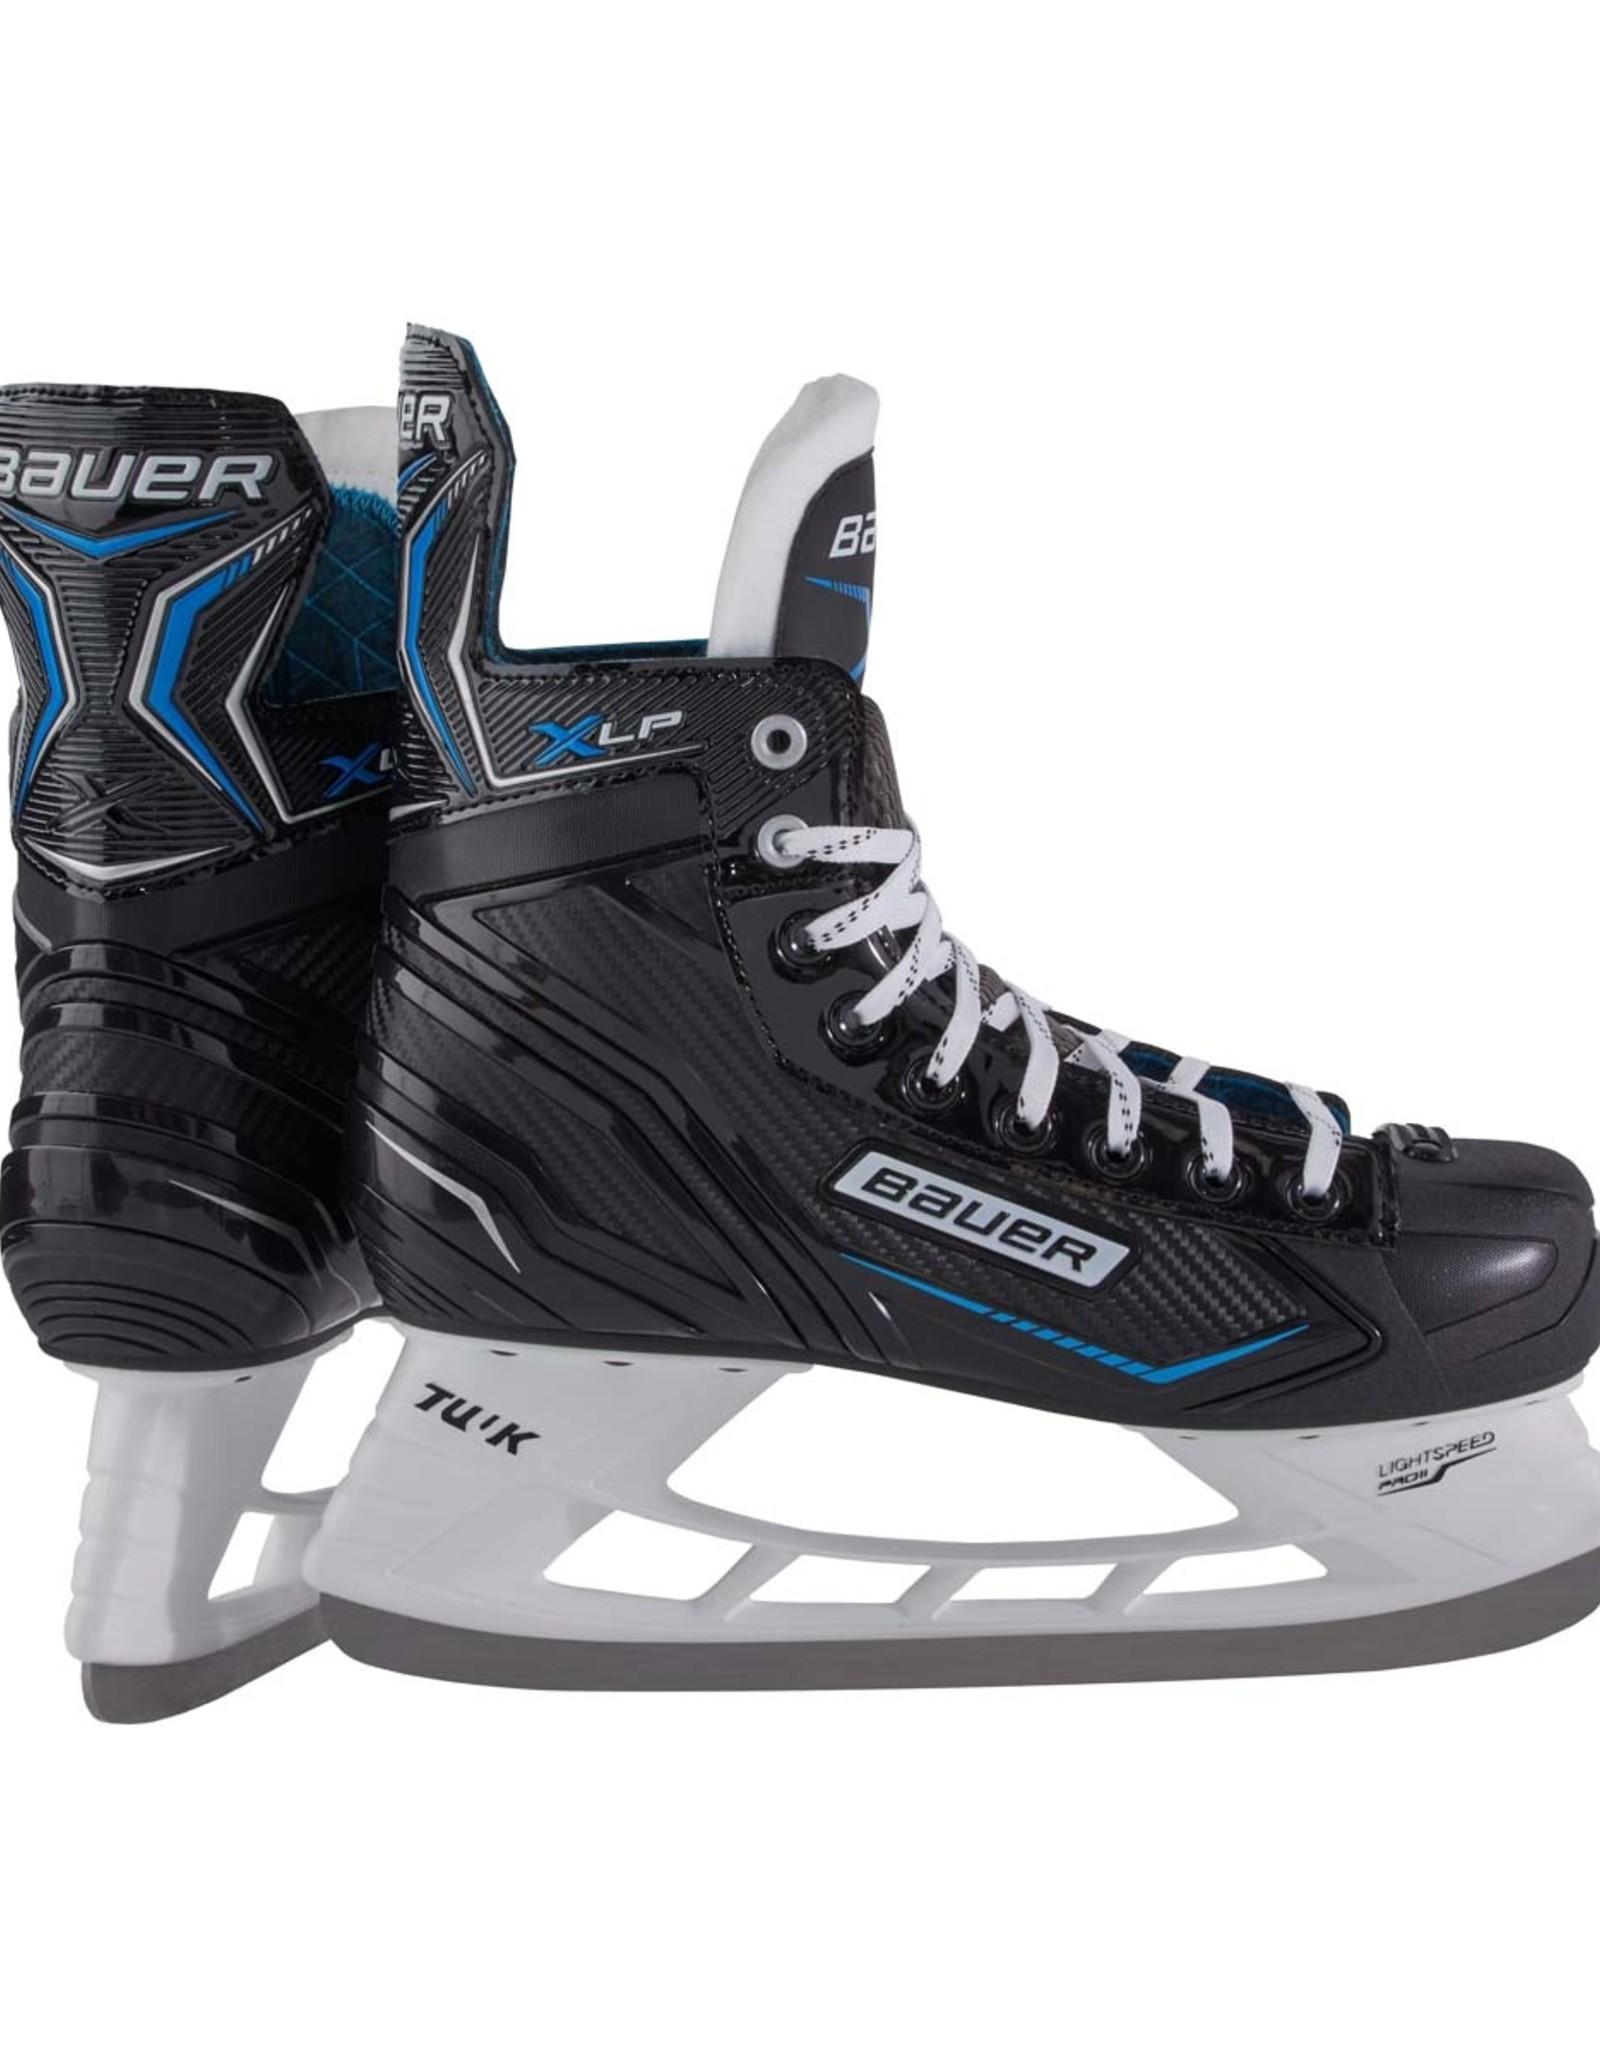 Bauer X-LP Skate Sr R